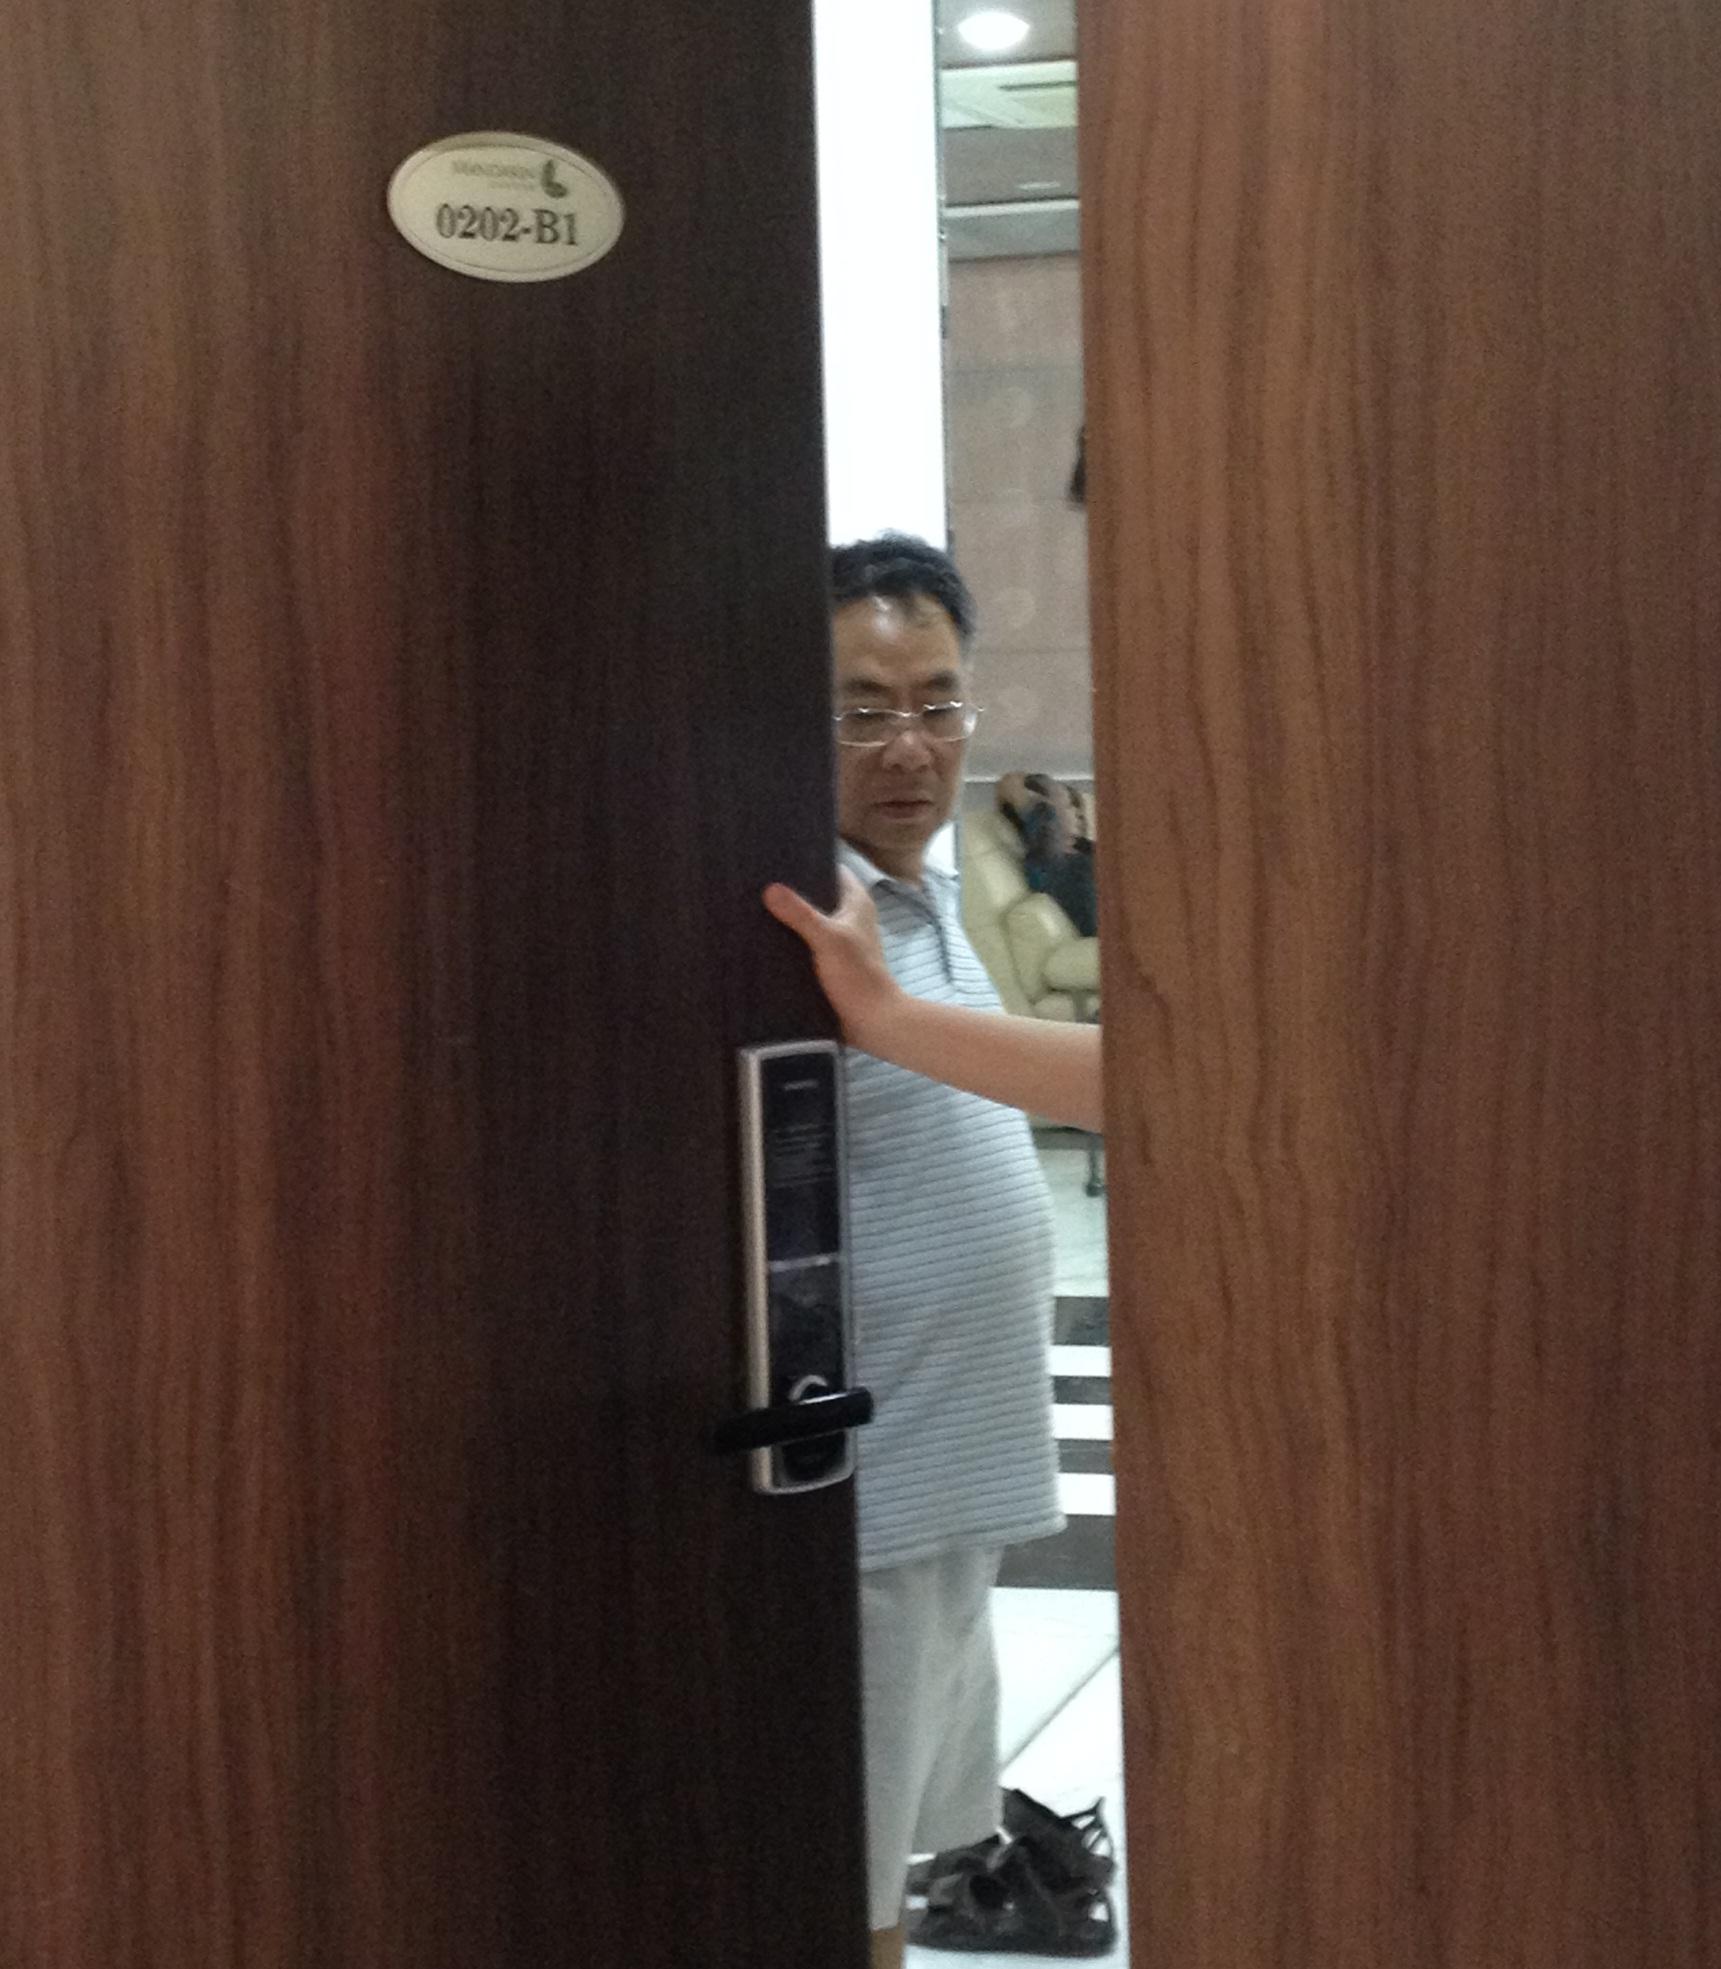 Lắp đặt khóa vân samsung tại B1-0202 Mandarin